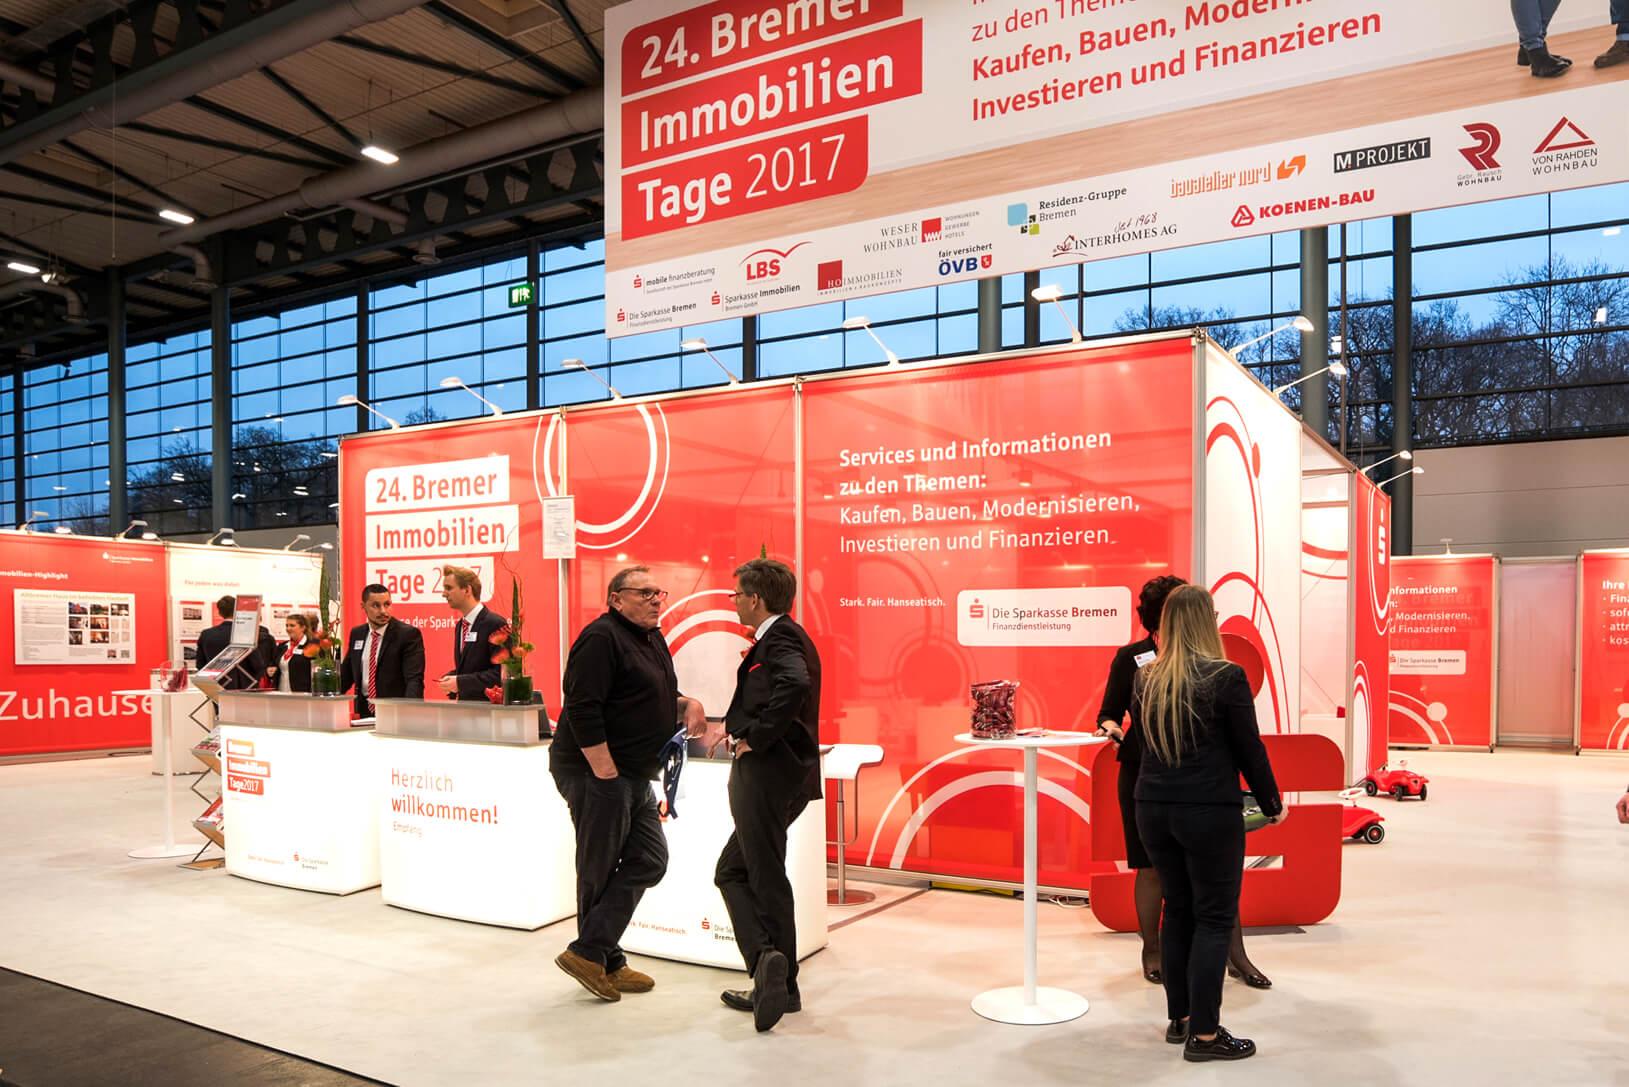 Anka Werbung - Messebau Bremen - Messebau (Sparkasse Bremer Immobilientage 2017)